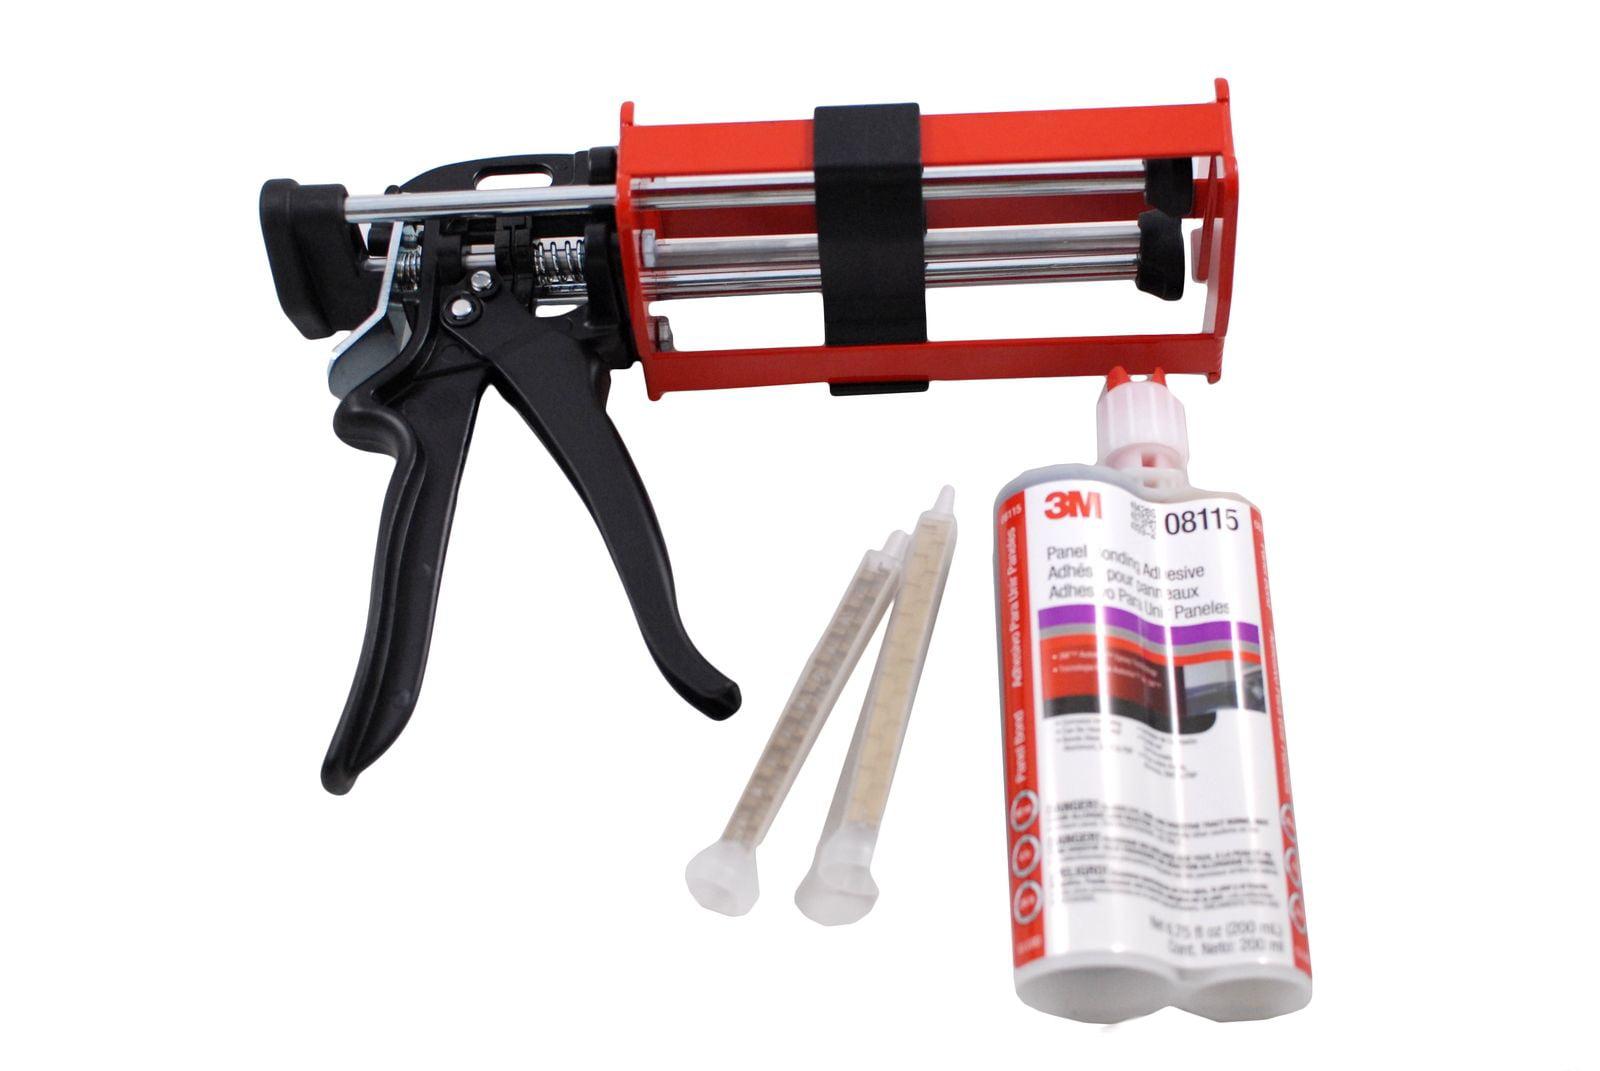 3M 08115 Panel Bonding Adhesive & 3M 08571 Manual Applicator Gun by 3M